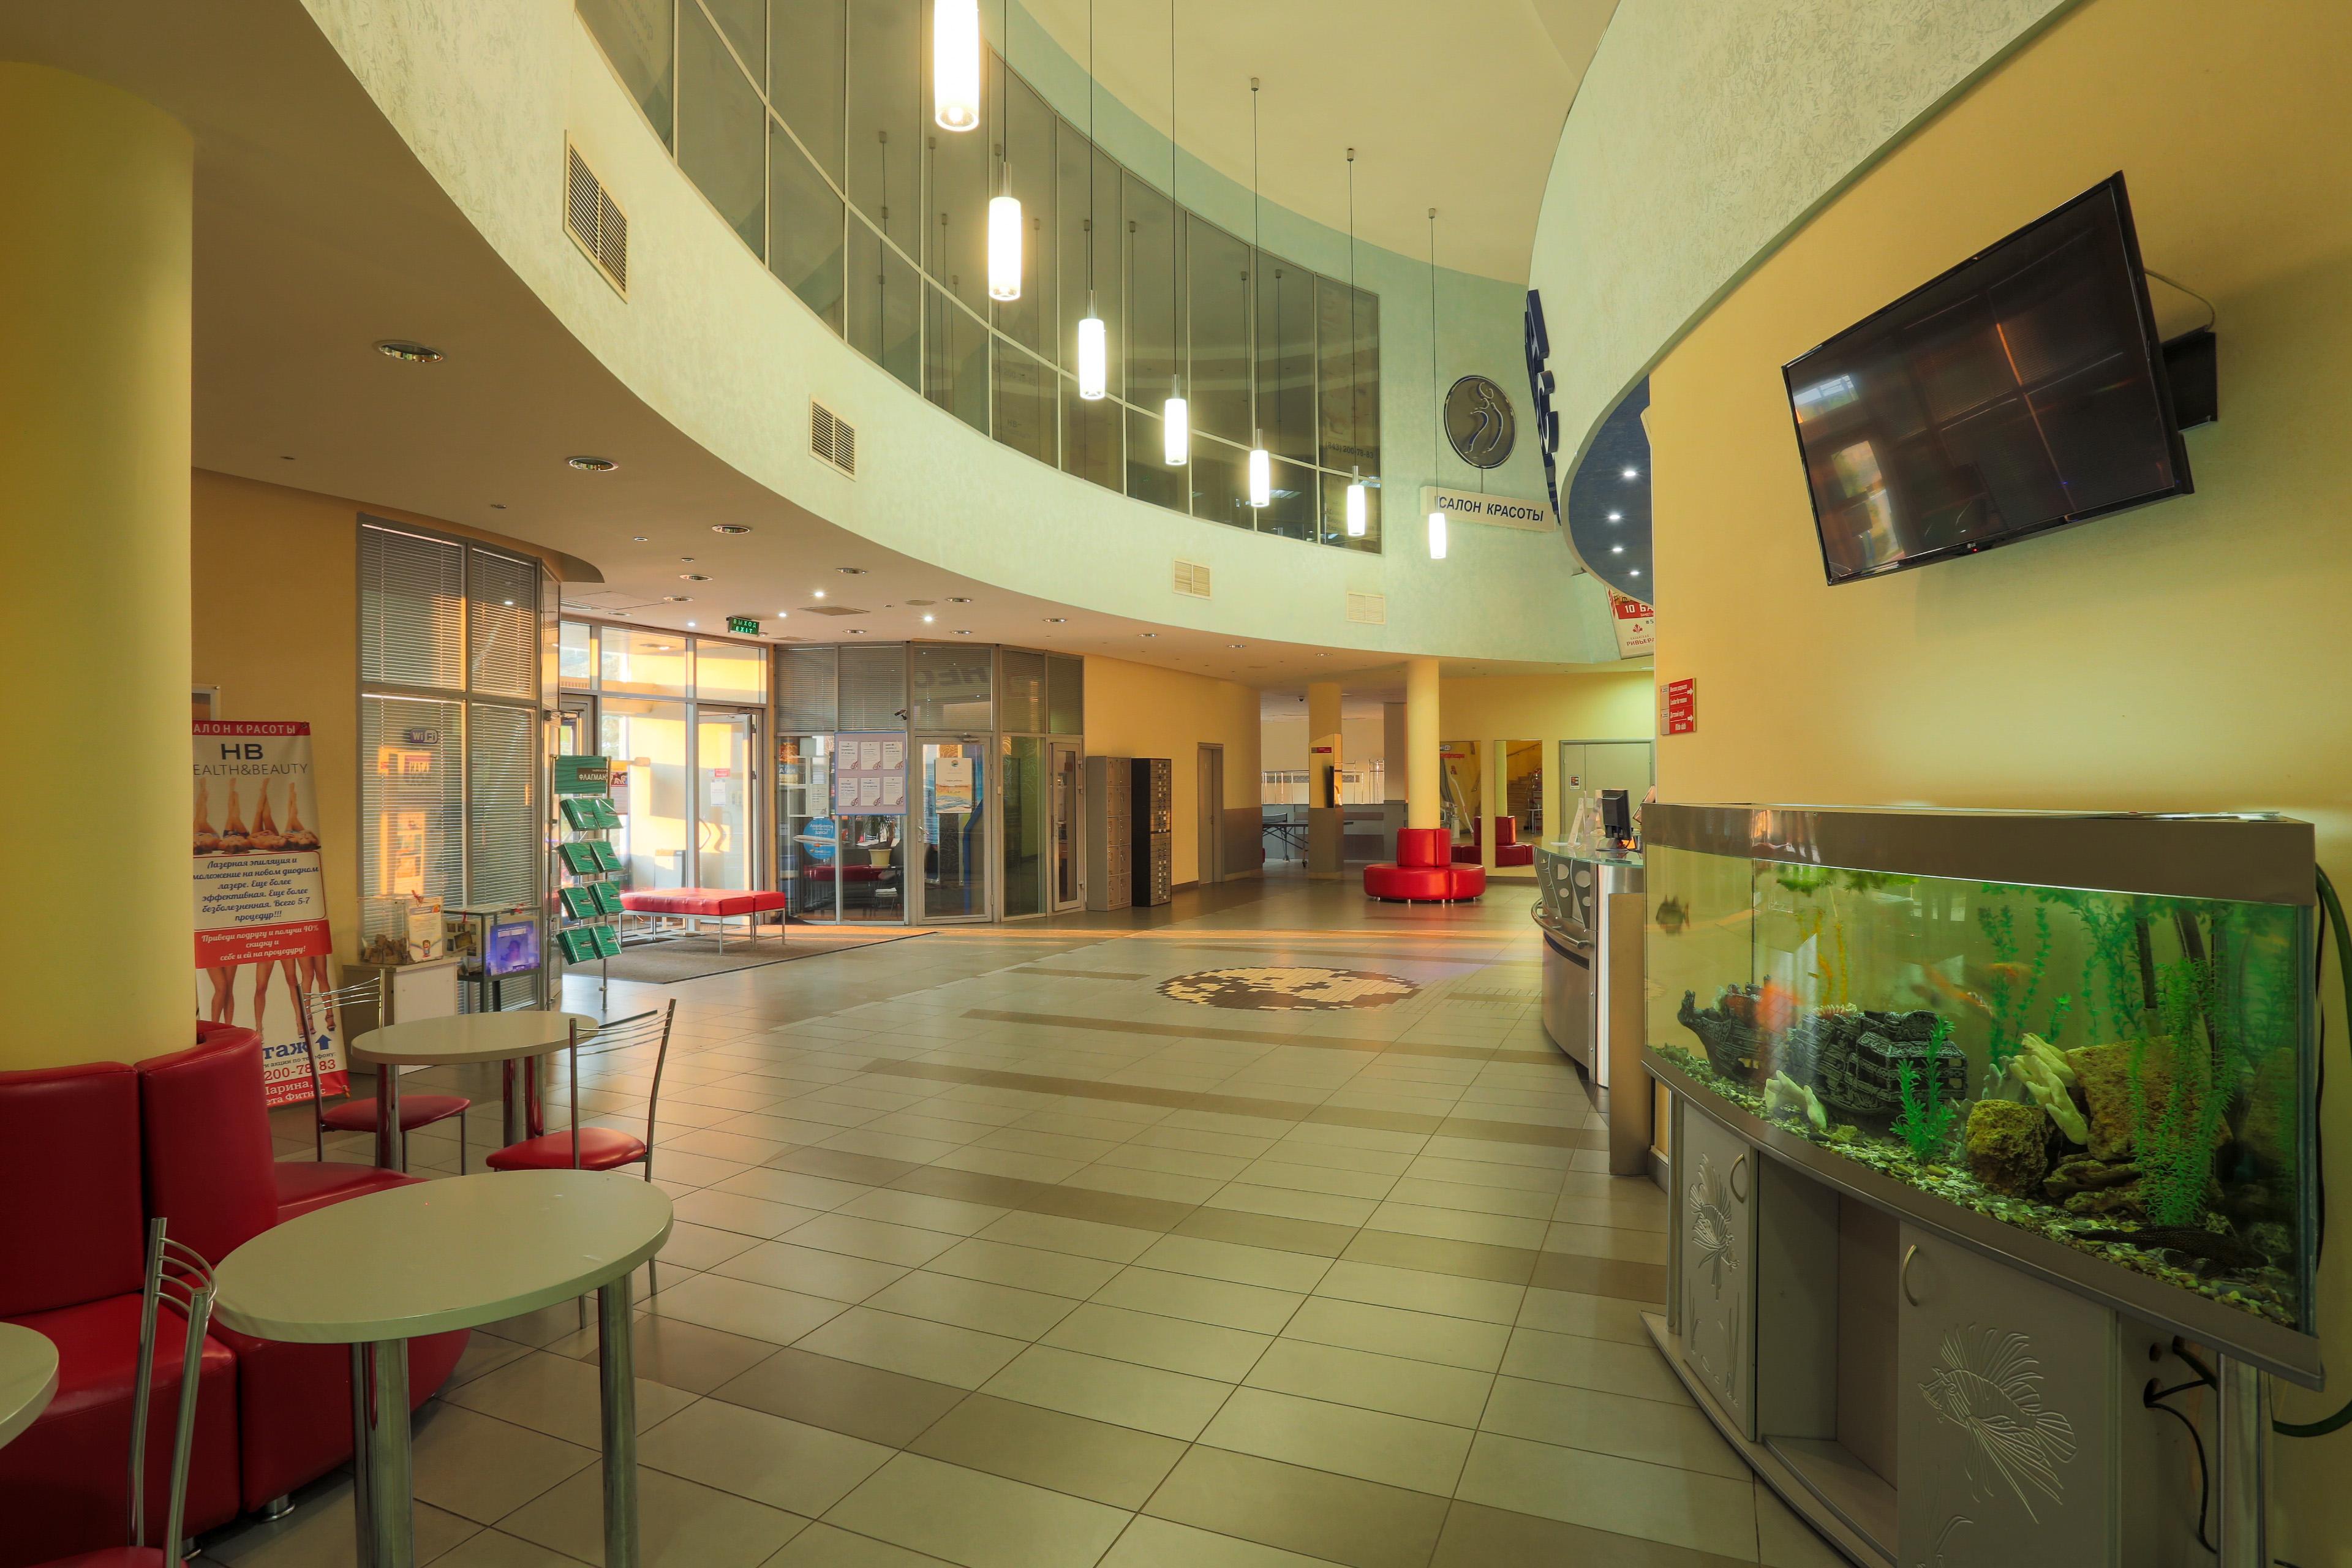 Удобное месторасположение клуба - рядом с торговым комплексом